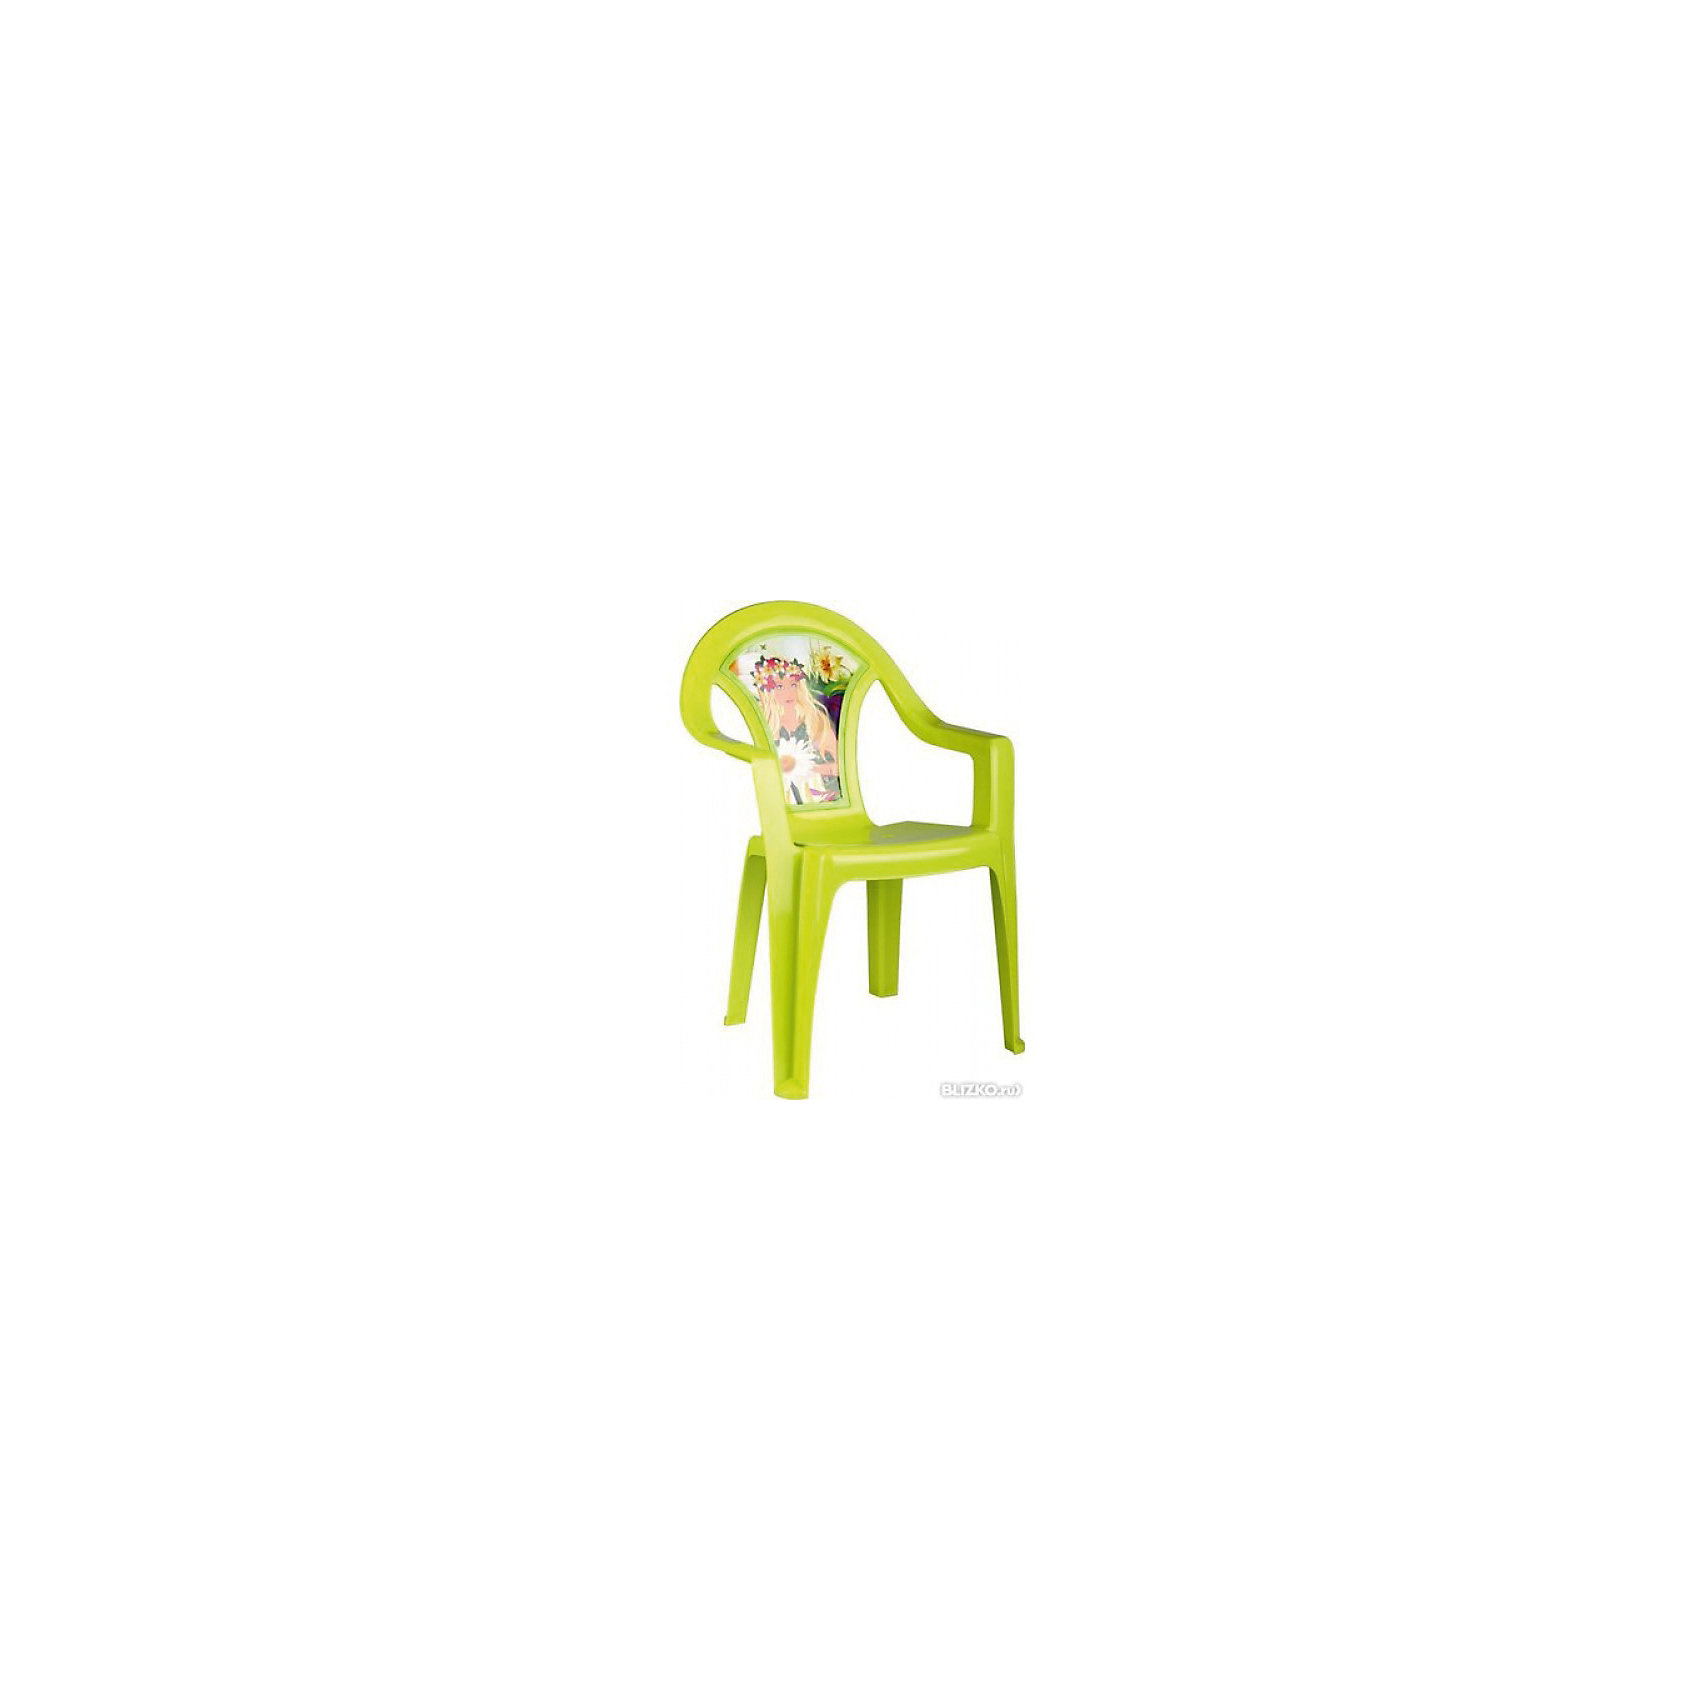 Кресло детское Лесная нимфа, AlternativaХарактеристики:<br><br>• Предназначение: для дома, для дачи<br>• Пол: для девочки<br>• Материал: пластик<br>• Цвет: зеленый<br>• Размер (Д*Ш*В): 40*40*57 см<br>• Вес: 850 г<br>• Особенности ухода: разрешается мыть теплой водой<br><br>Кресло детское Лесная нимфа, Alternativa изготовлено отечественным производителем ООО ЗПИ Альтернатива, который специализируется на выпуске широкого спектра изделий из пластика. Стульчик выполнен из безопасного нетоксичного, но прочного пластика. Он имеет устойчивую форму за счет широко расставленных ножек. Для удобства предусмотрена широкая и высокая спинка, а также подлокотники. Стульчик имеет компактную форму и легкий вес, поэтому его удобно использовать не только дома, но и на даче. Стульчик предназначен для детей, которые уже умеют уверенно сидеть, его можно использовать для кормления или занятий за столом. Стульчик имеет яркую окраску и декор на спинке в виде лесной нимфы.<br><br>Кресло детское Лесная нимфа, Alternativa можно купить в нашем интернет-магазине.<br><br>Ширина мм: 400<br>Глубина мм: 400<br>Высота мм: 570<br>Вес г: 805<br>Возраст от месяцев: 6<br>Возраст до месяцев: 84<br>Пол: Женский<br>Возраст: Детский<br>SKU: 5096625